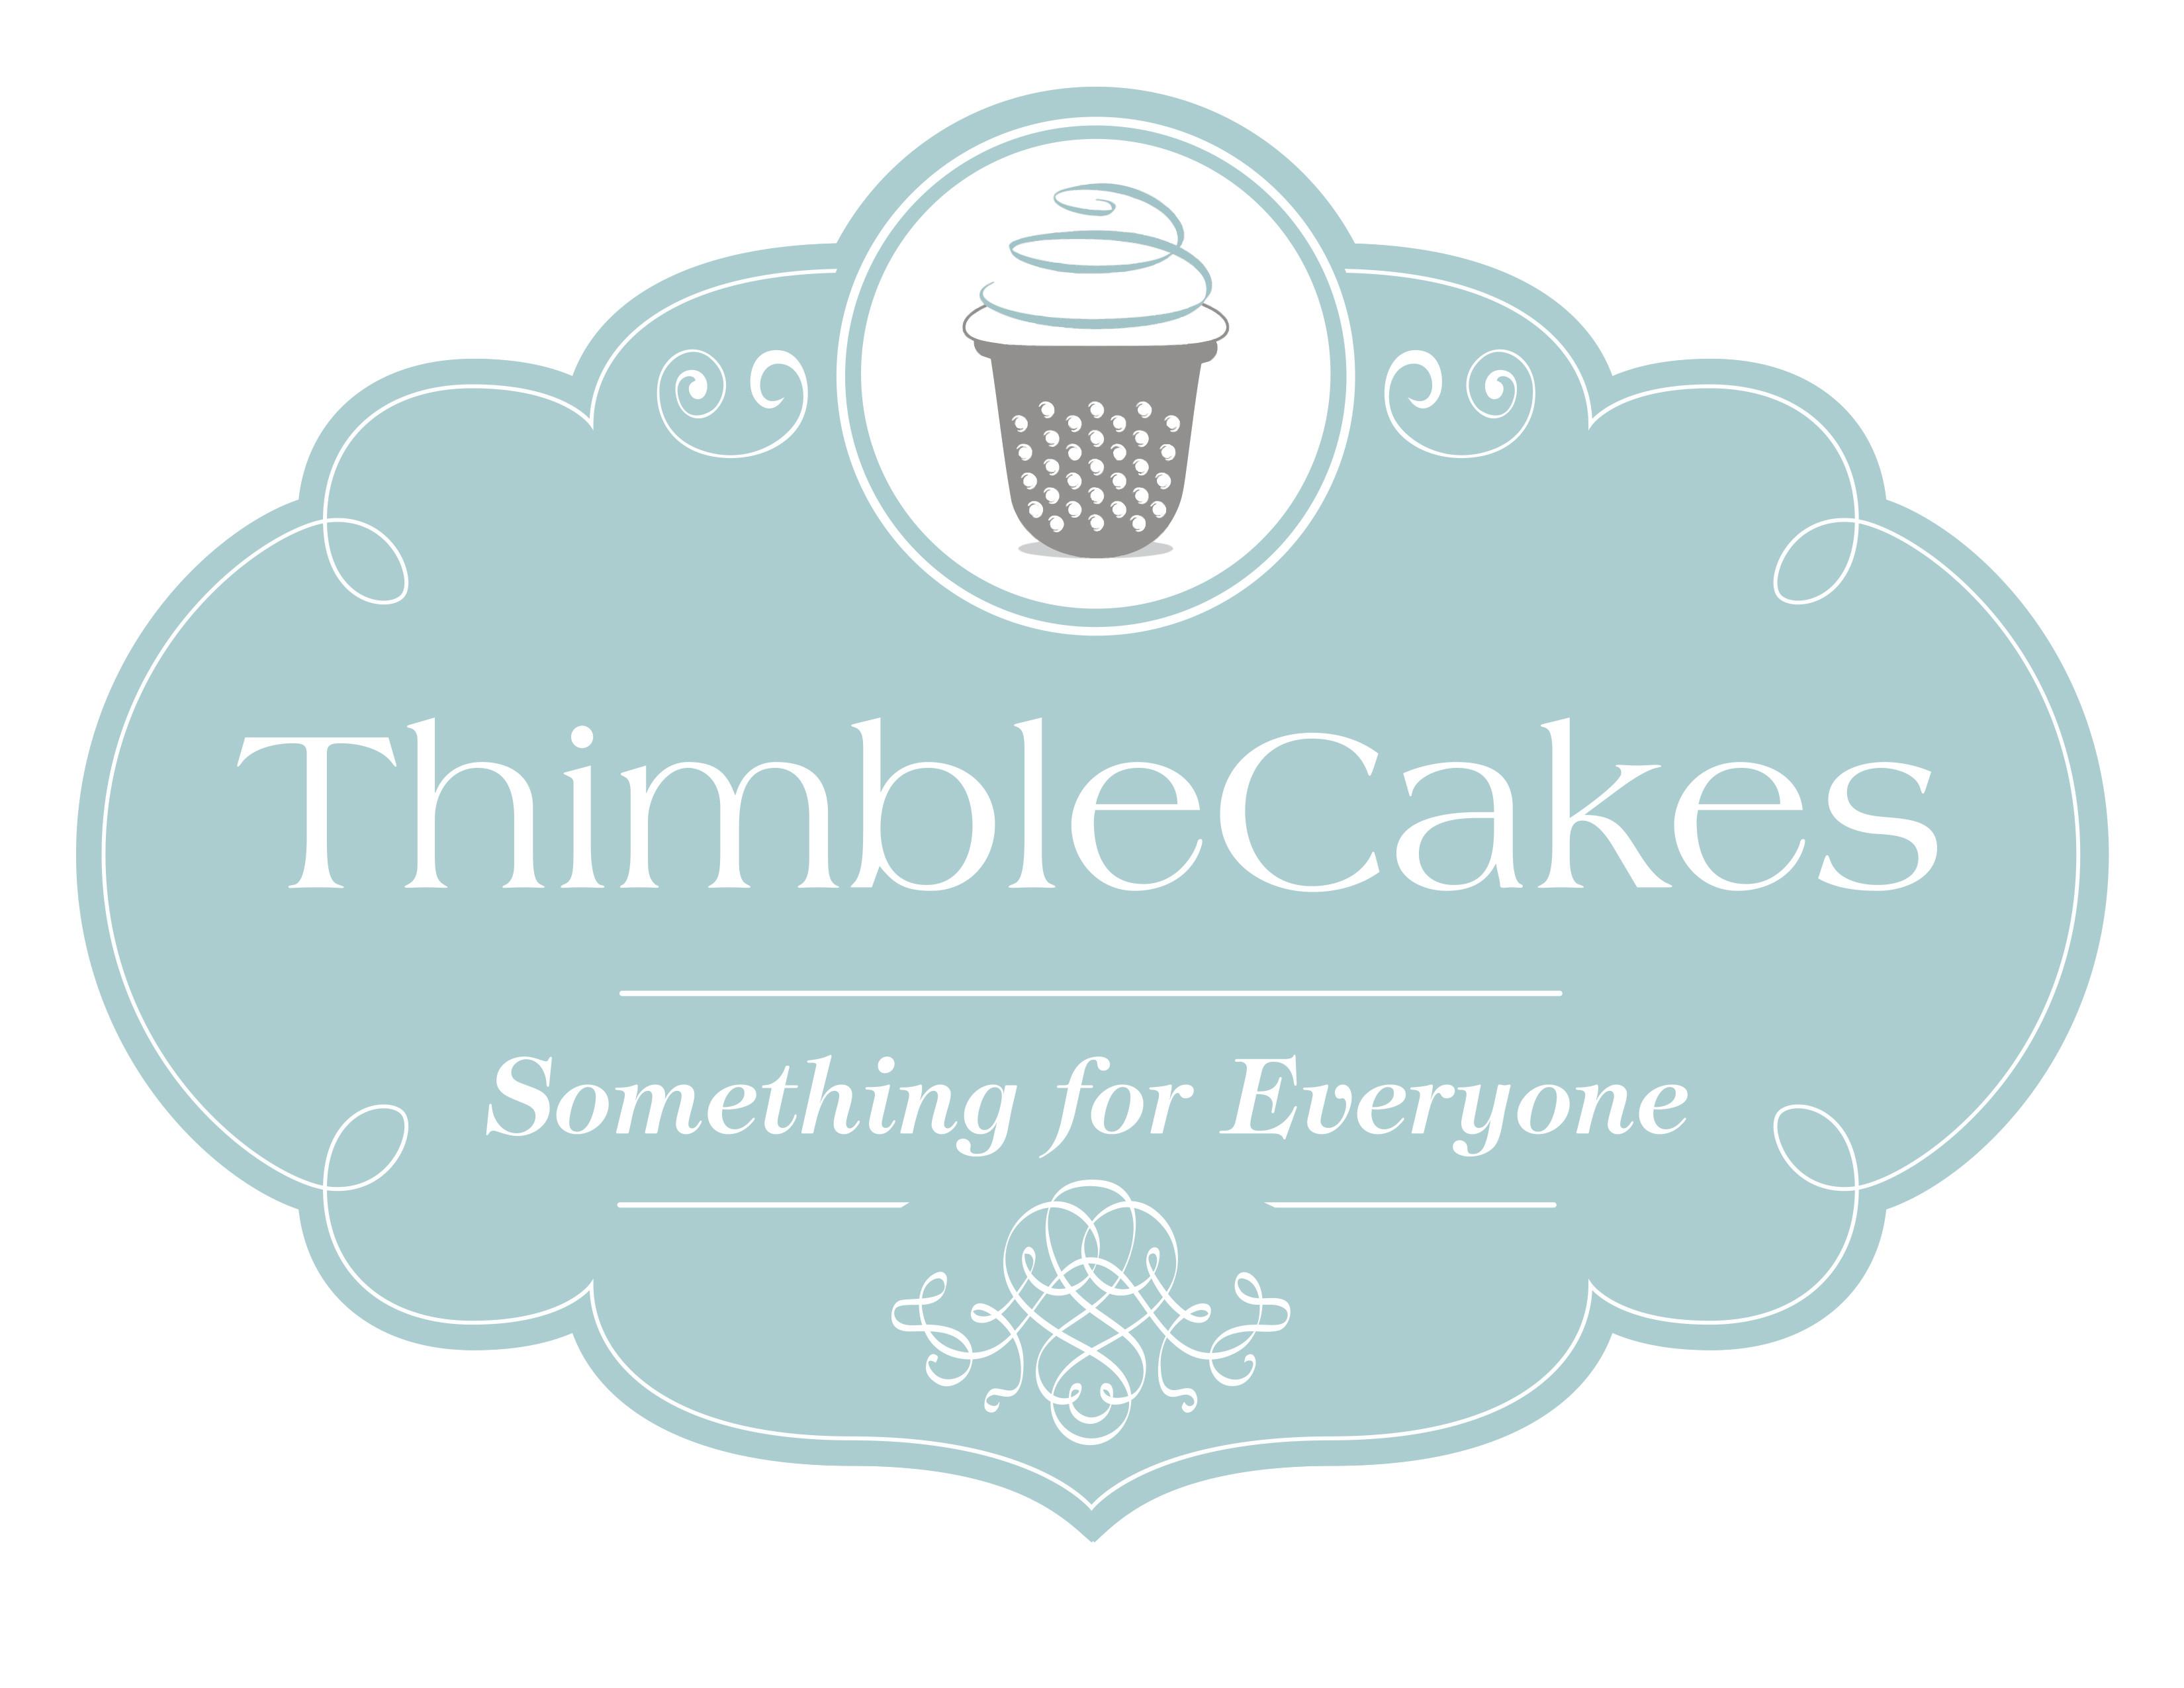 ThimbleCakes Cupcakes